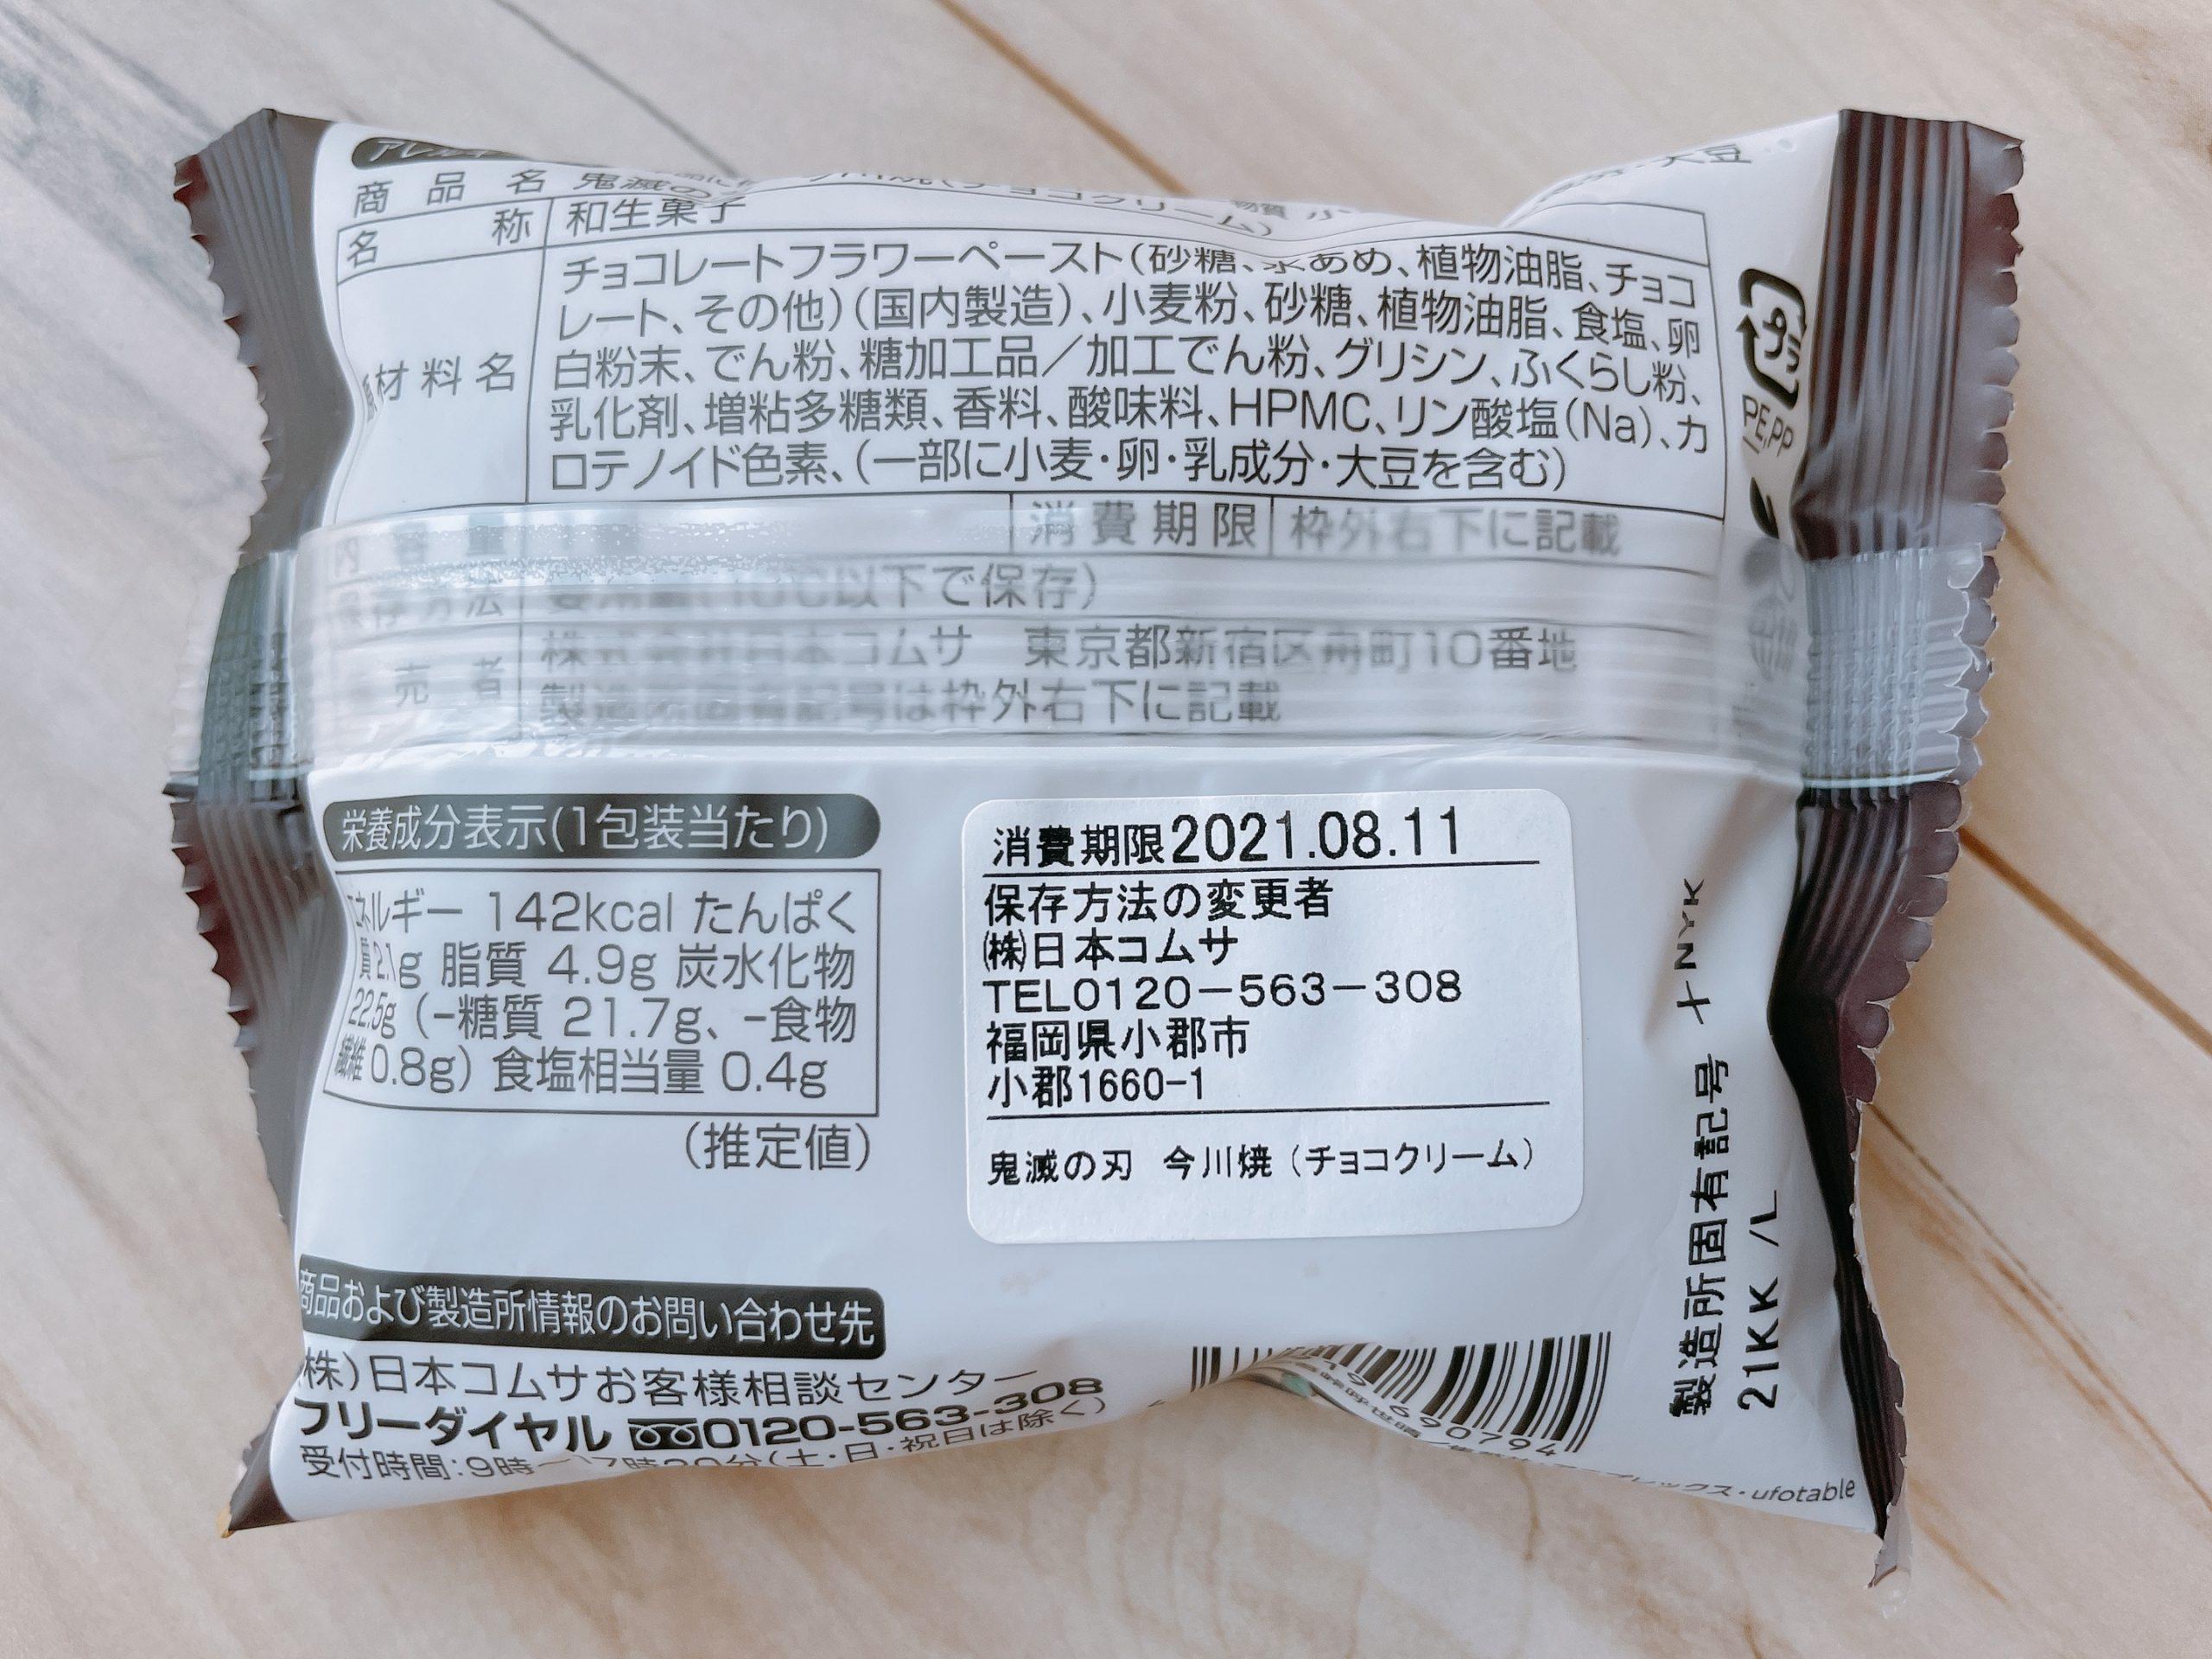 「鬼滅の刃」今川焼(チョコクリーム)原材料やカロリーなど